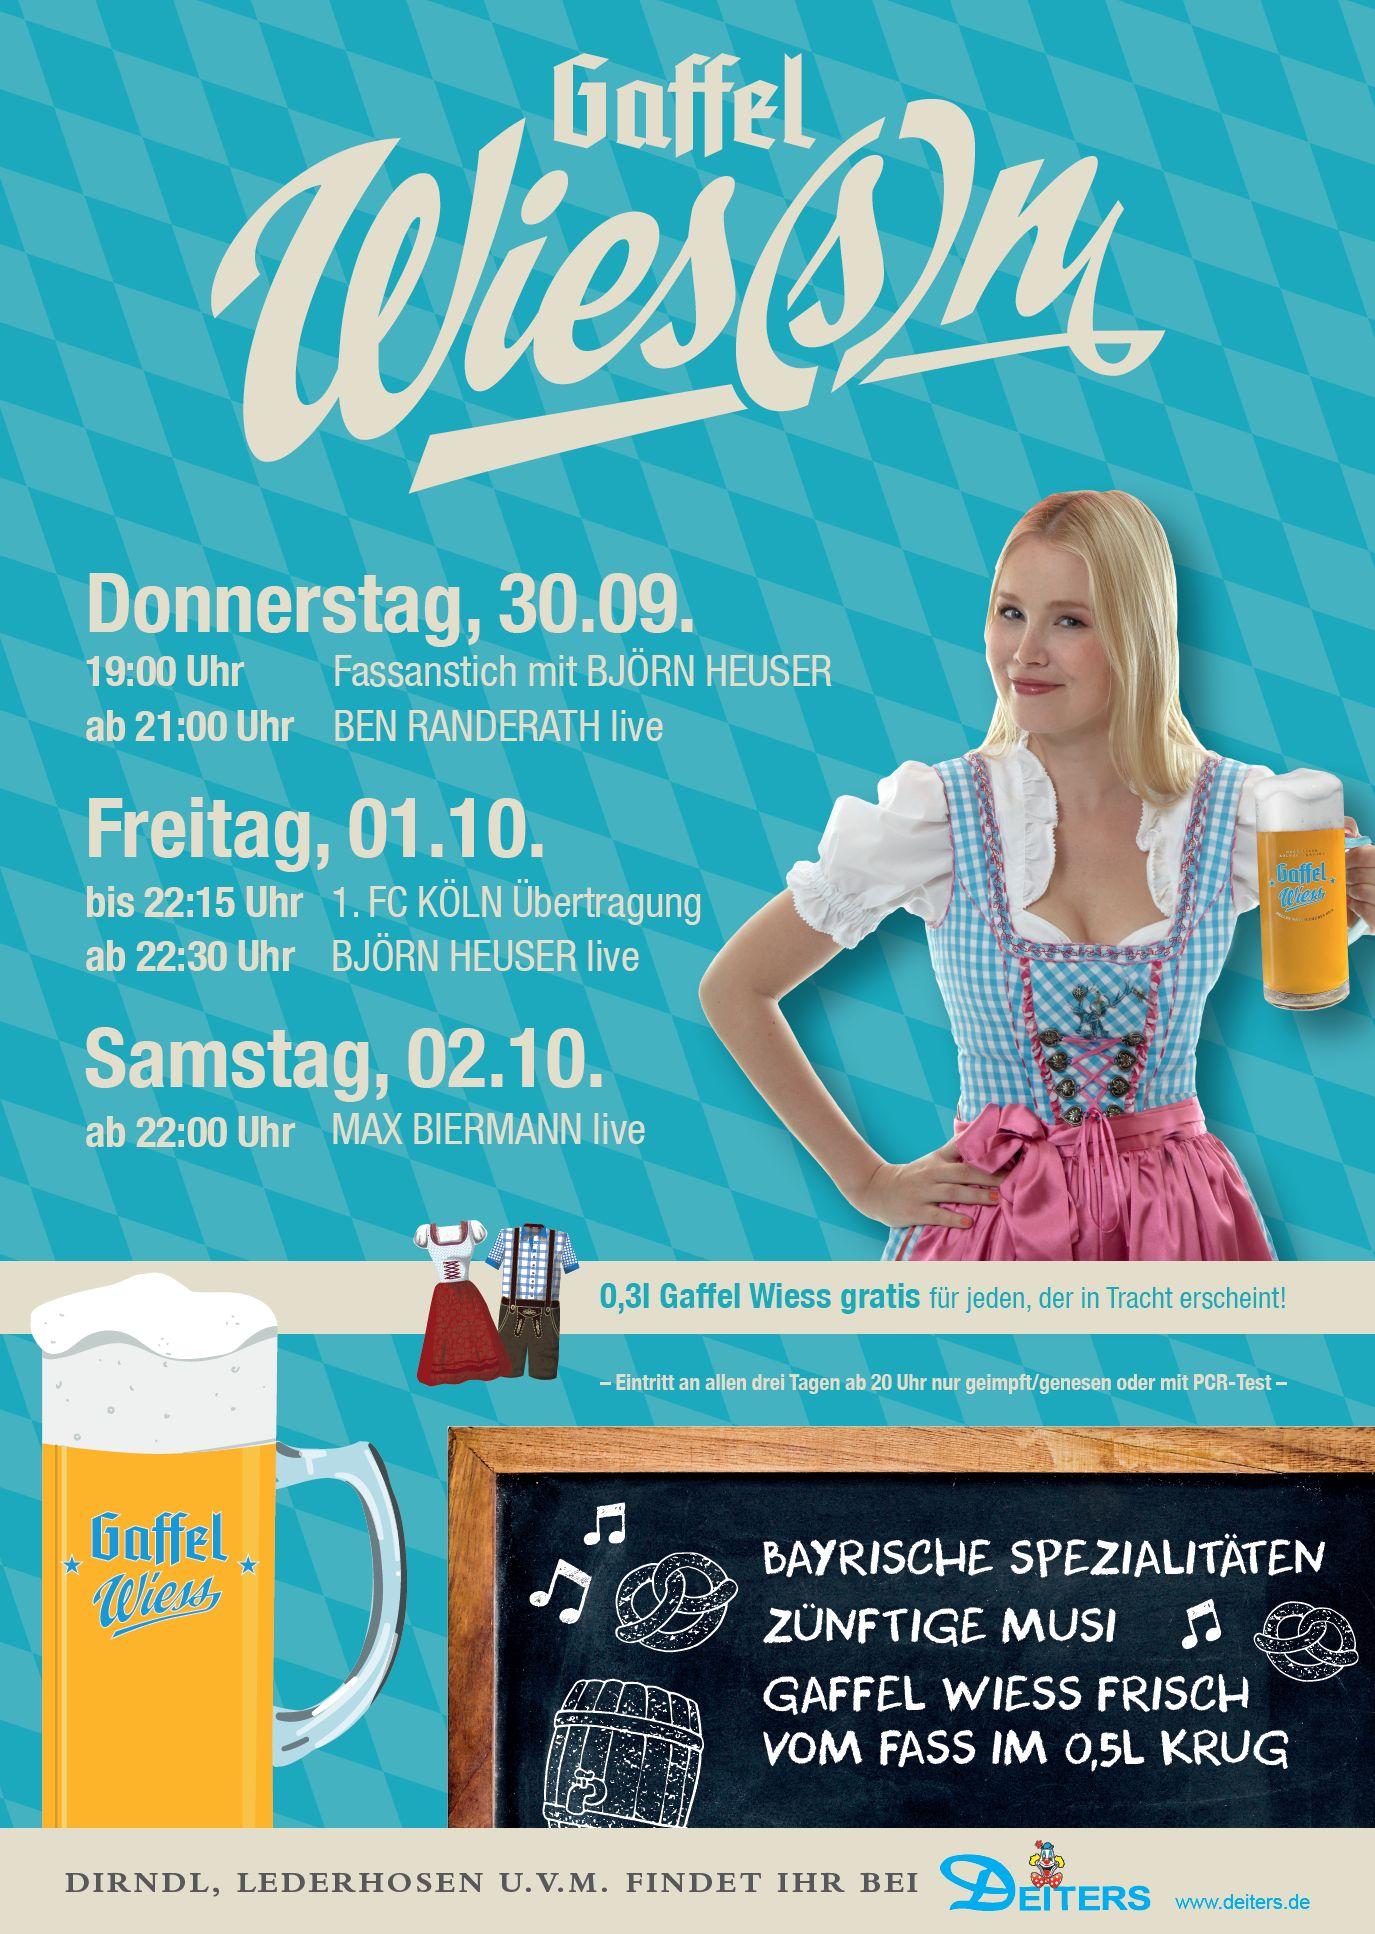 Rheinische Wies(s)n im Gaffel am Dom: Blau-weiße Festtage vom 30. September bis 2. Oktober